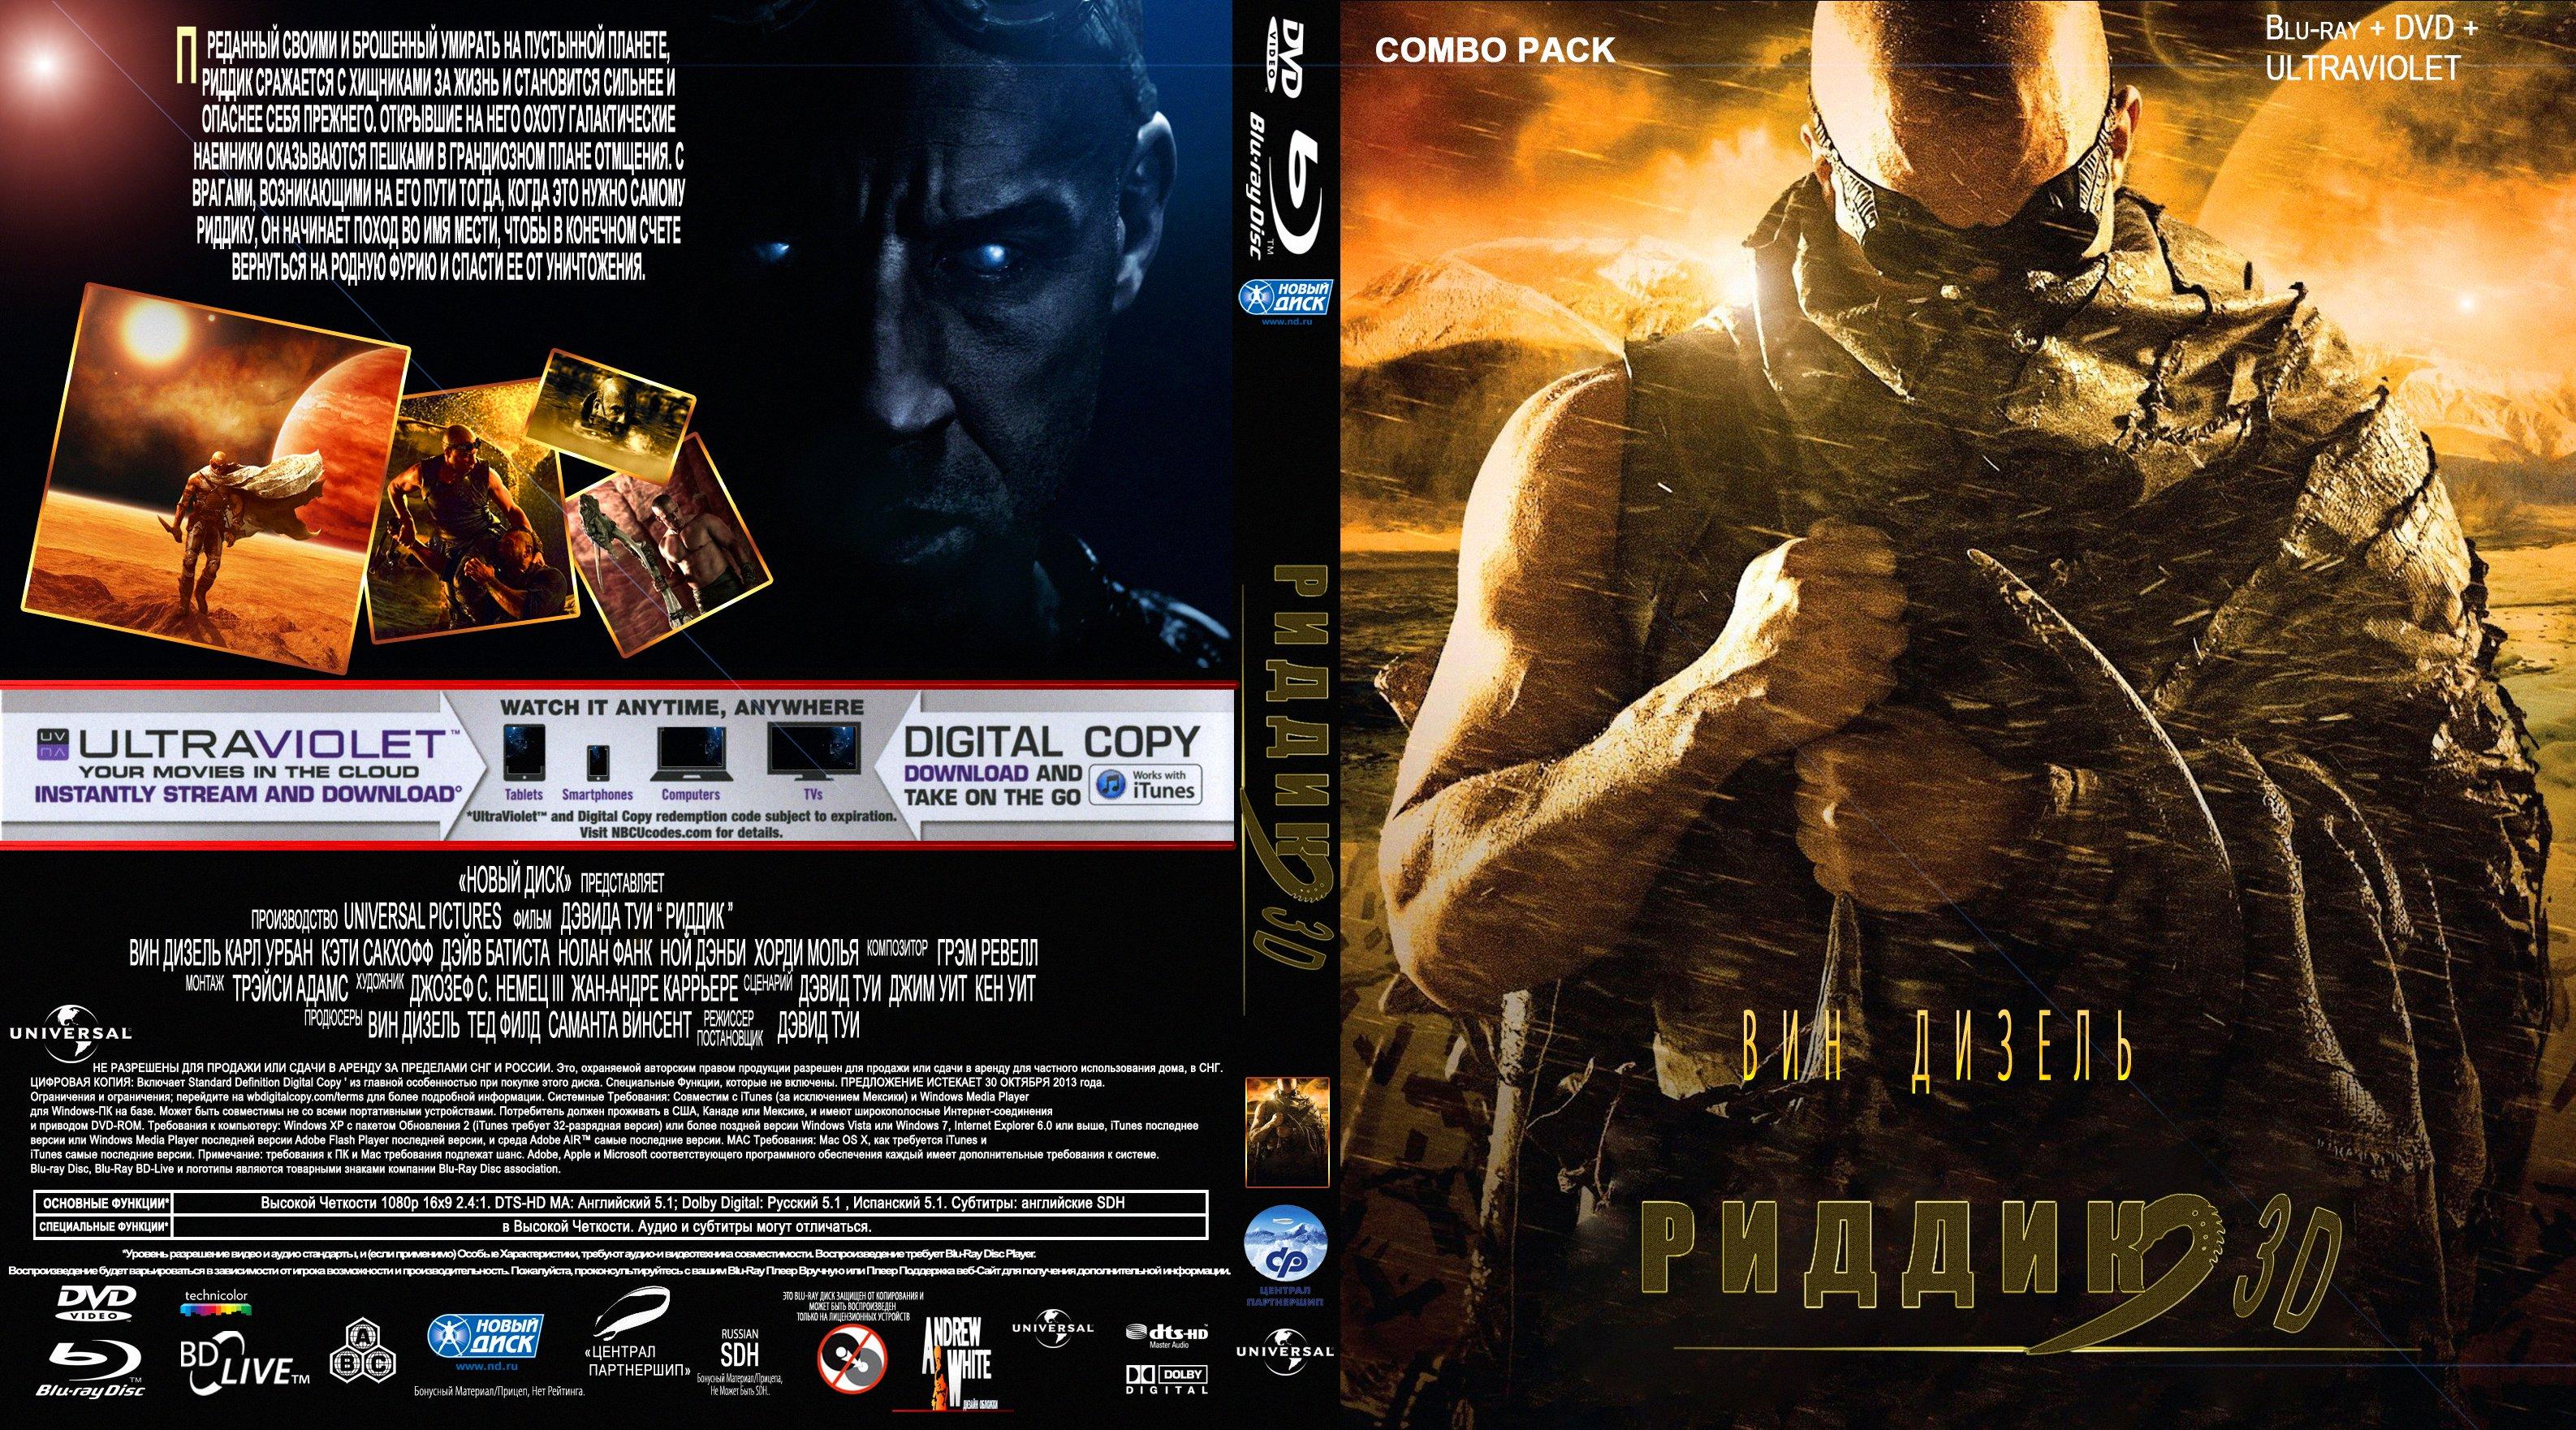 Кто ждёт Riddick 3D? - Обложка отличная, а вот что будет с фильмом пока не ясно!, Будем ждать. - Изображение 1